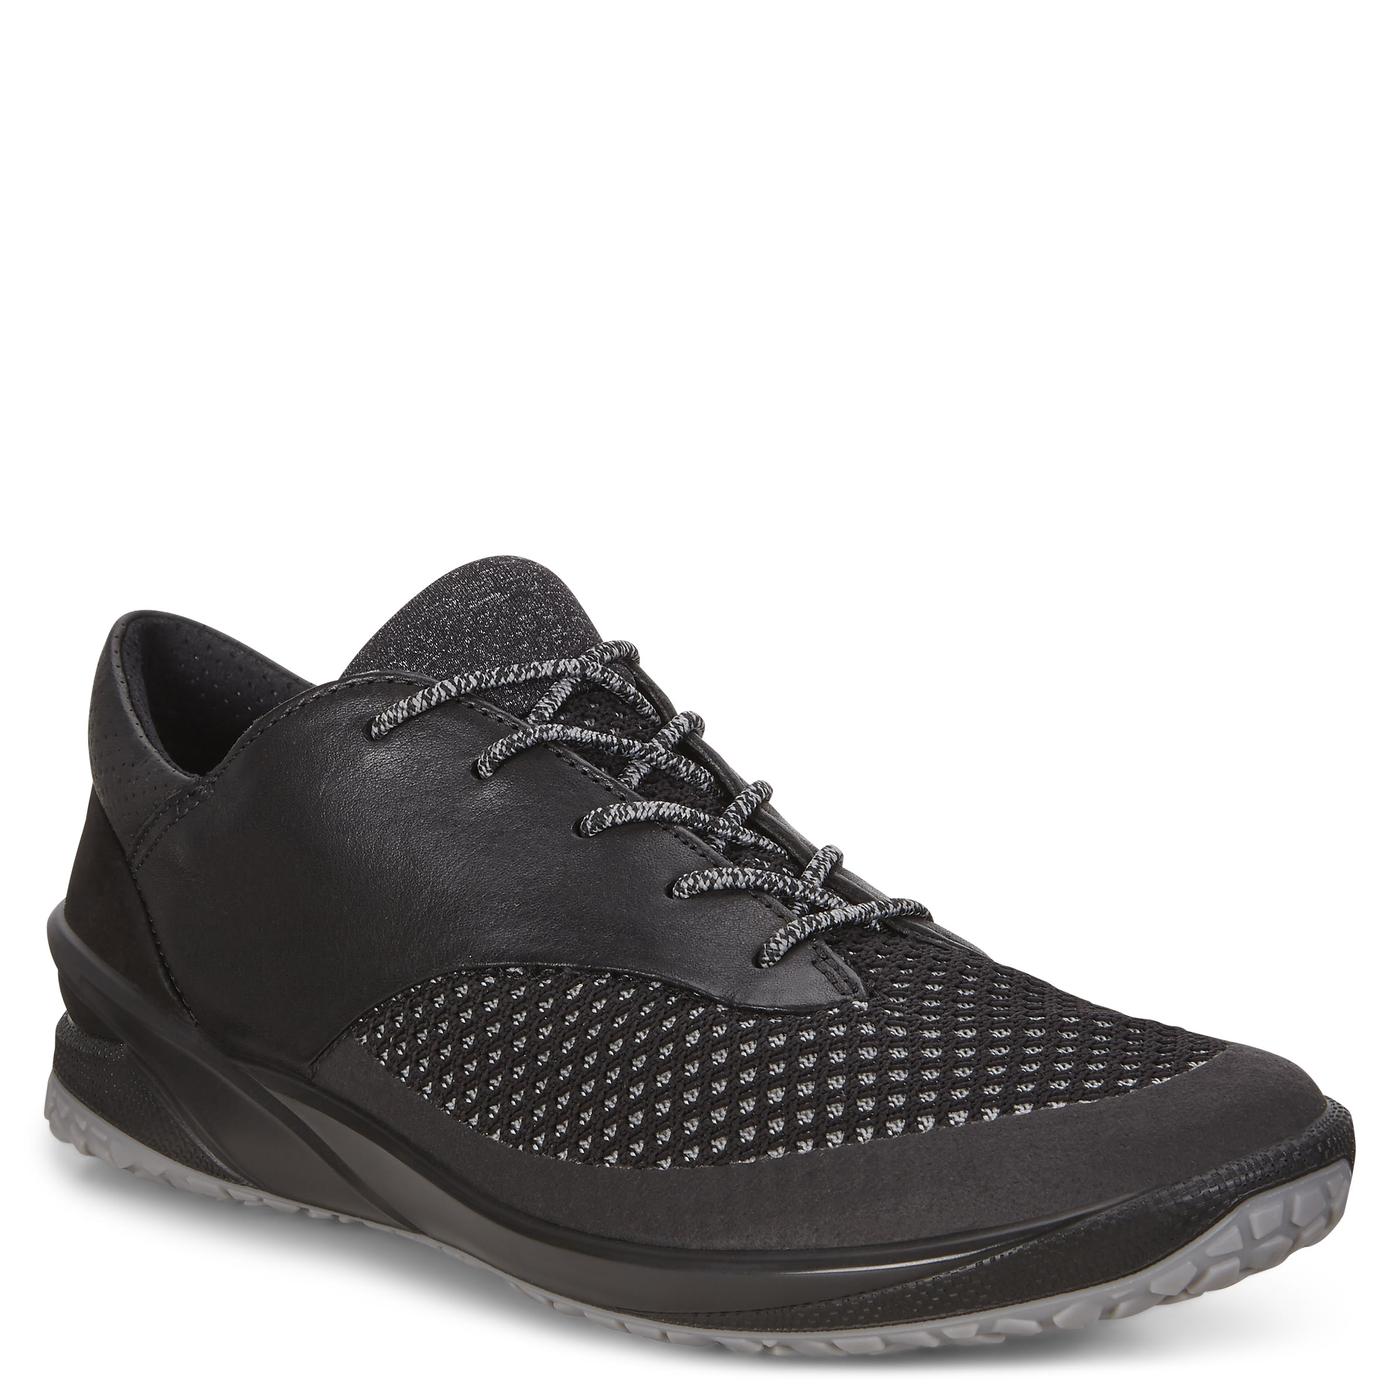 ECCO BIOM LIFE. Outdoor Shoe